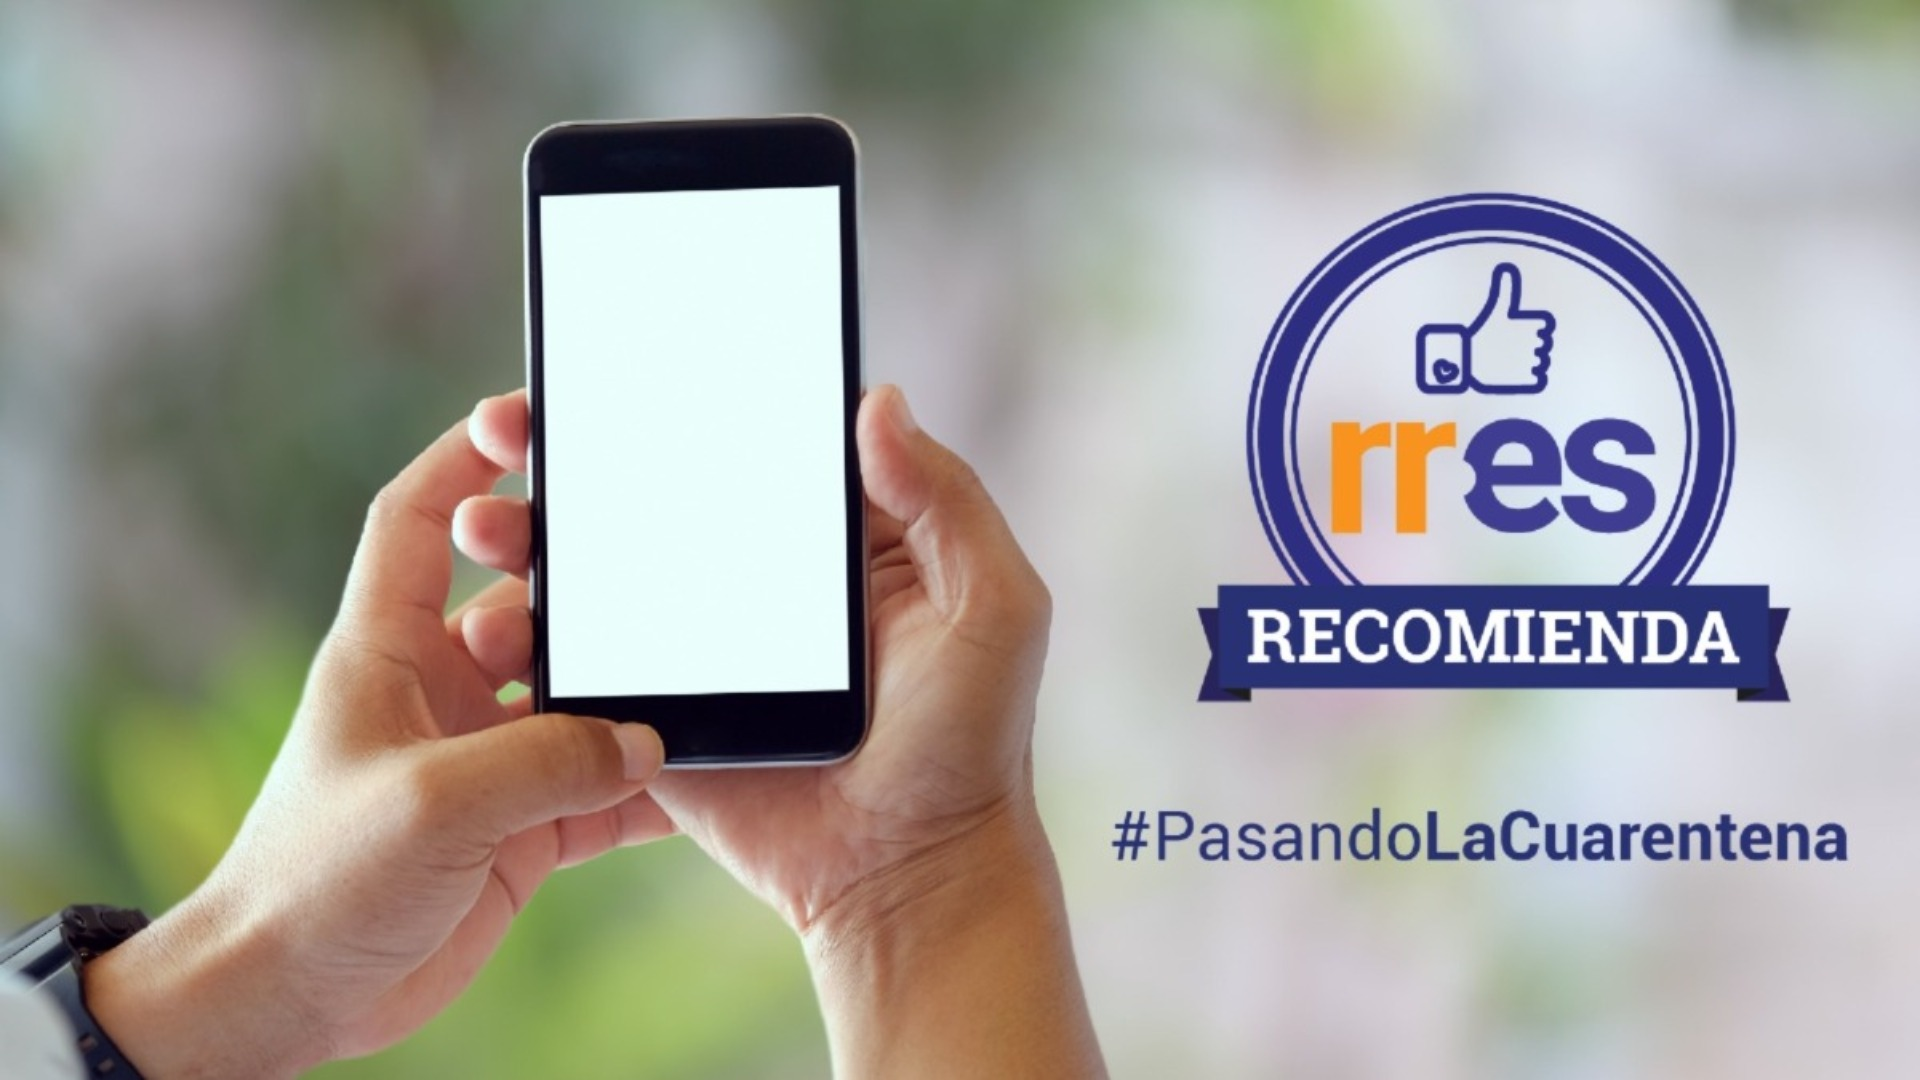 #PasandoLaCuarentena | El teléfono es mucho más que redes sociales #23Mar